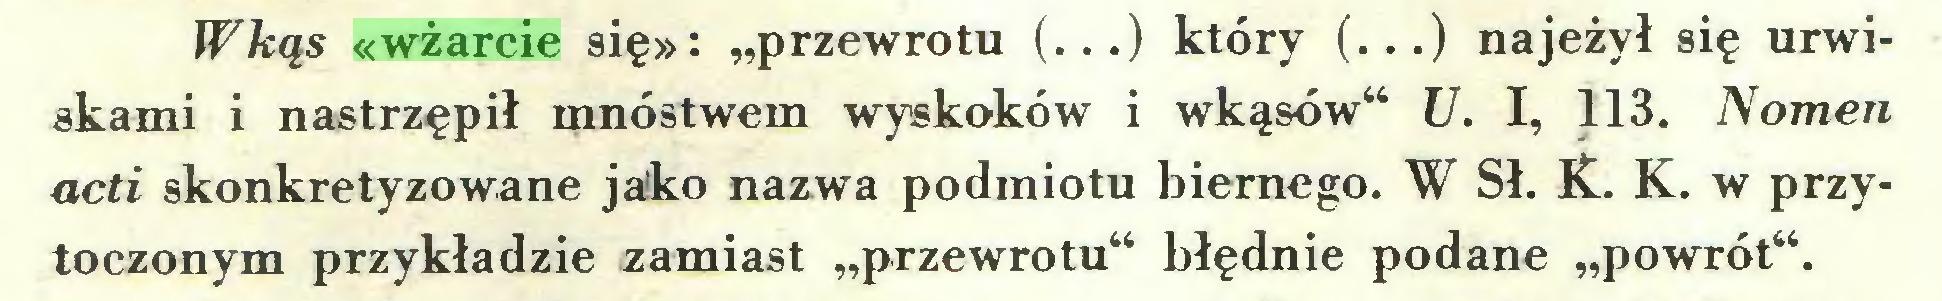 """(...) Wkąs «wżarcie się»: """"przewrotu (...) który (...) najeżył się urwiskami i nastrzępił mnóstwem wyskoków i wkąsów"""" U. I, 113. Nomen acti skonkretyzowane jako nazwa podmiotu biernego. W Sł. K. K. w przytoczonym przykładzie zamiast """"przewrotu"""" błędnie podane """"powrót""""..."""